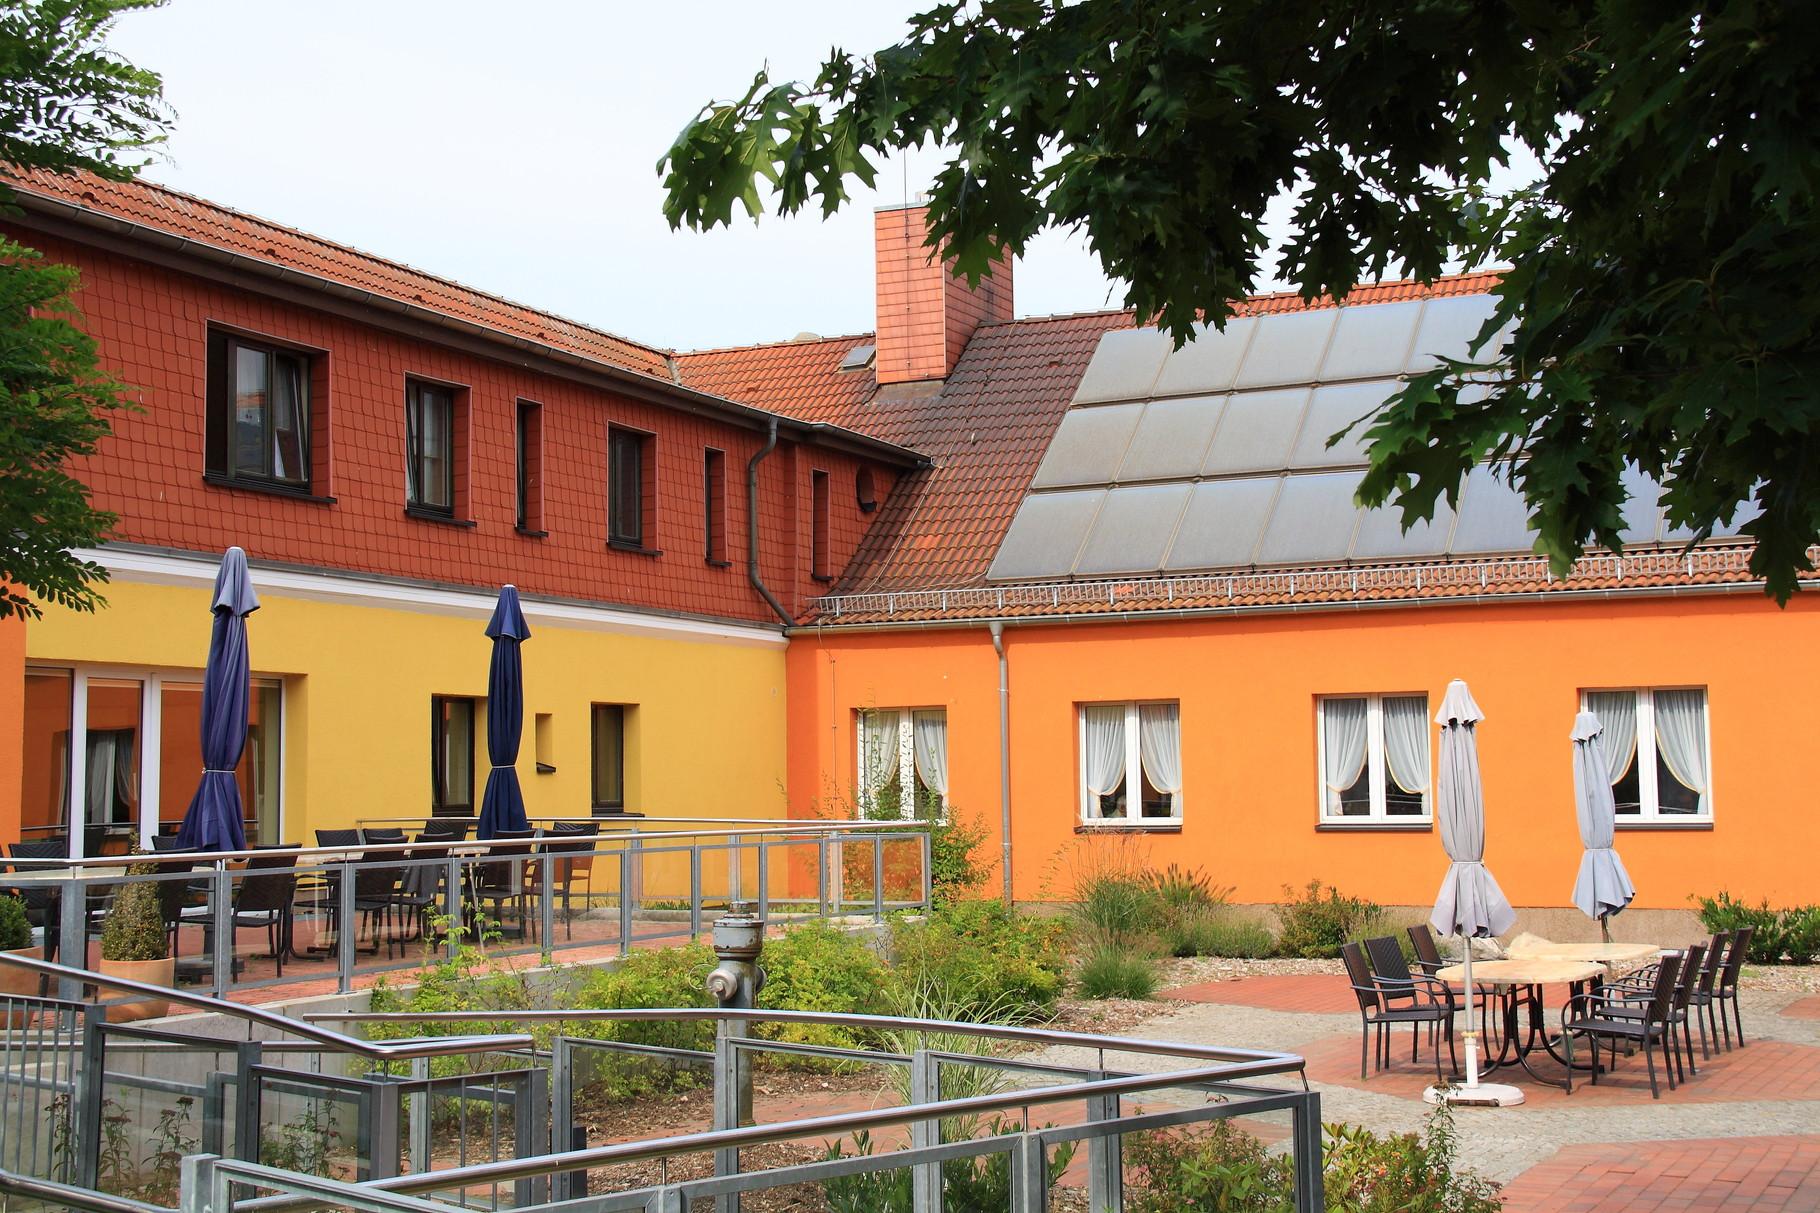 Koserow, Senioren- und Pflegezentrum